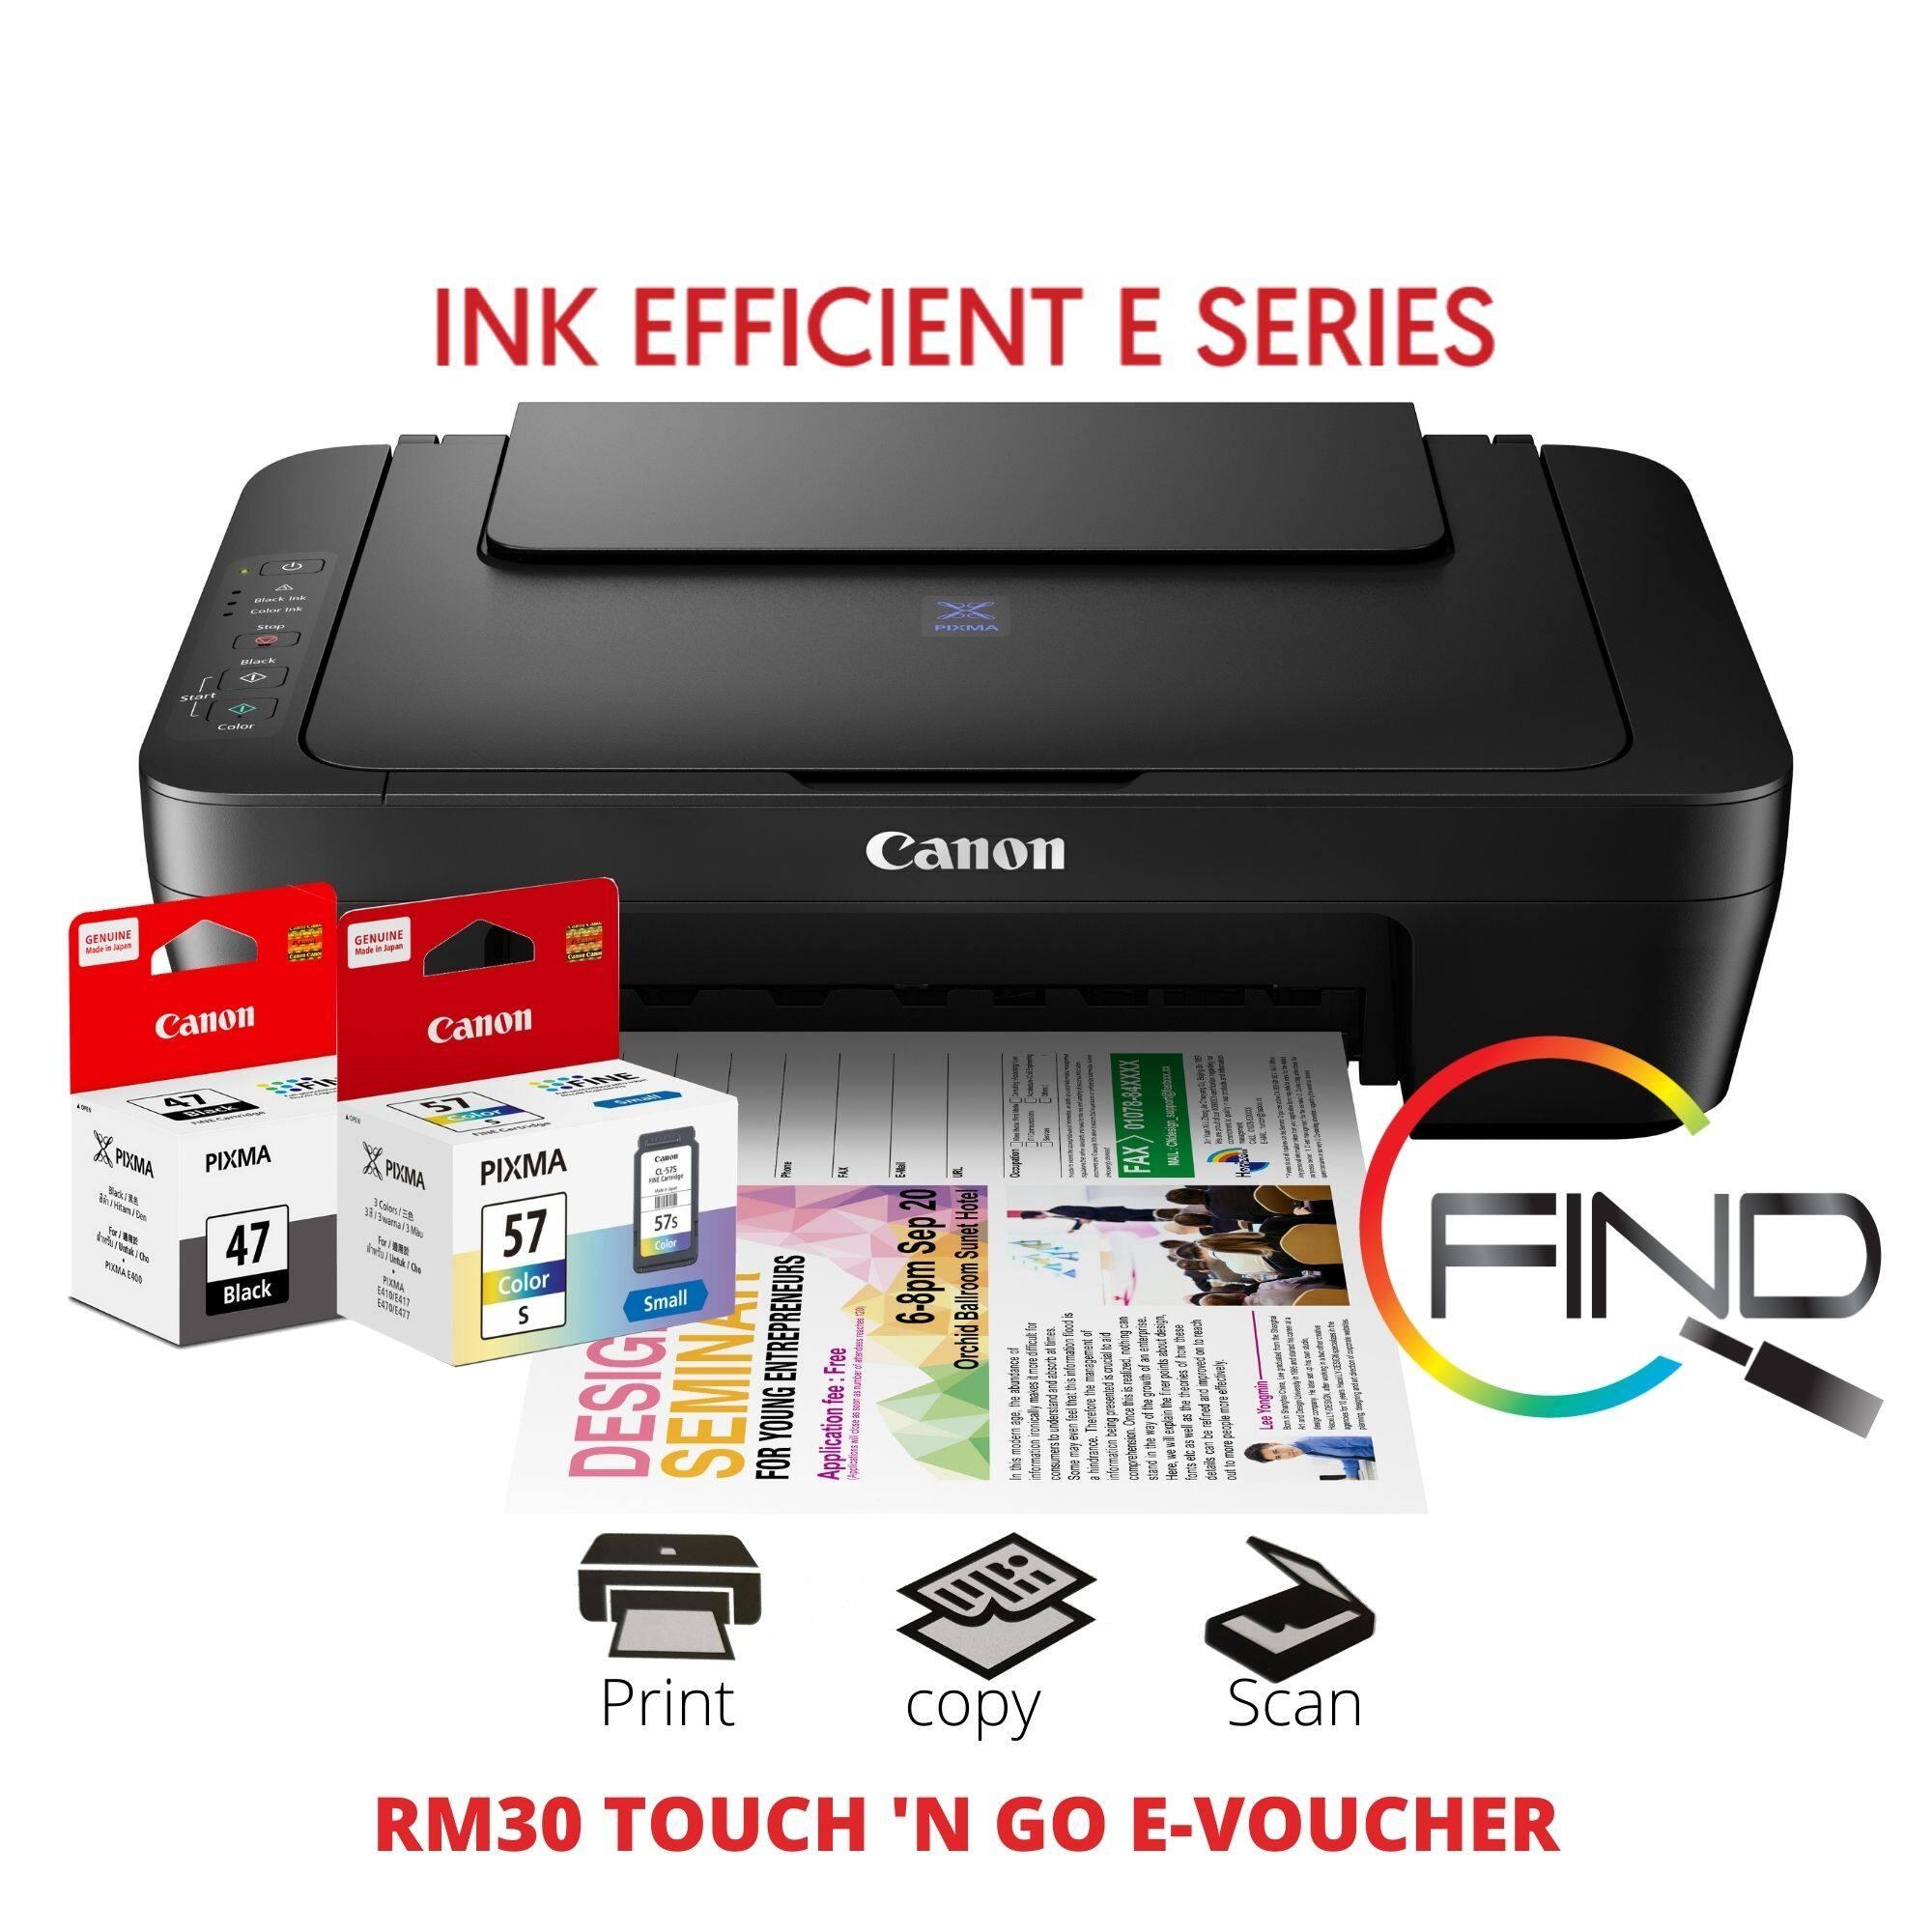 CANON PIXMA E410 AIO Ink Effeccient Printer - Print, Scan, Copy (FINDC)